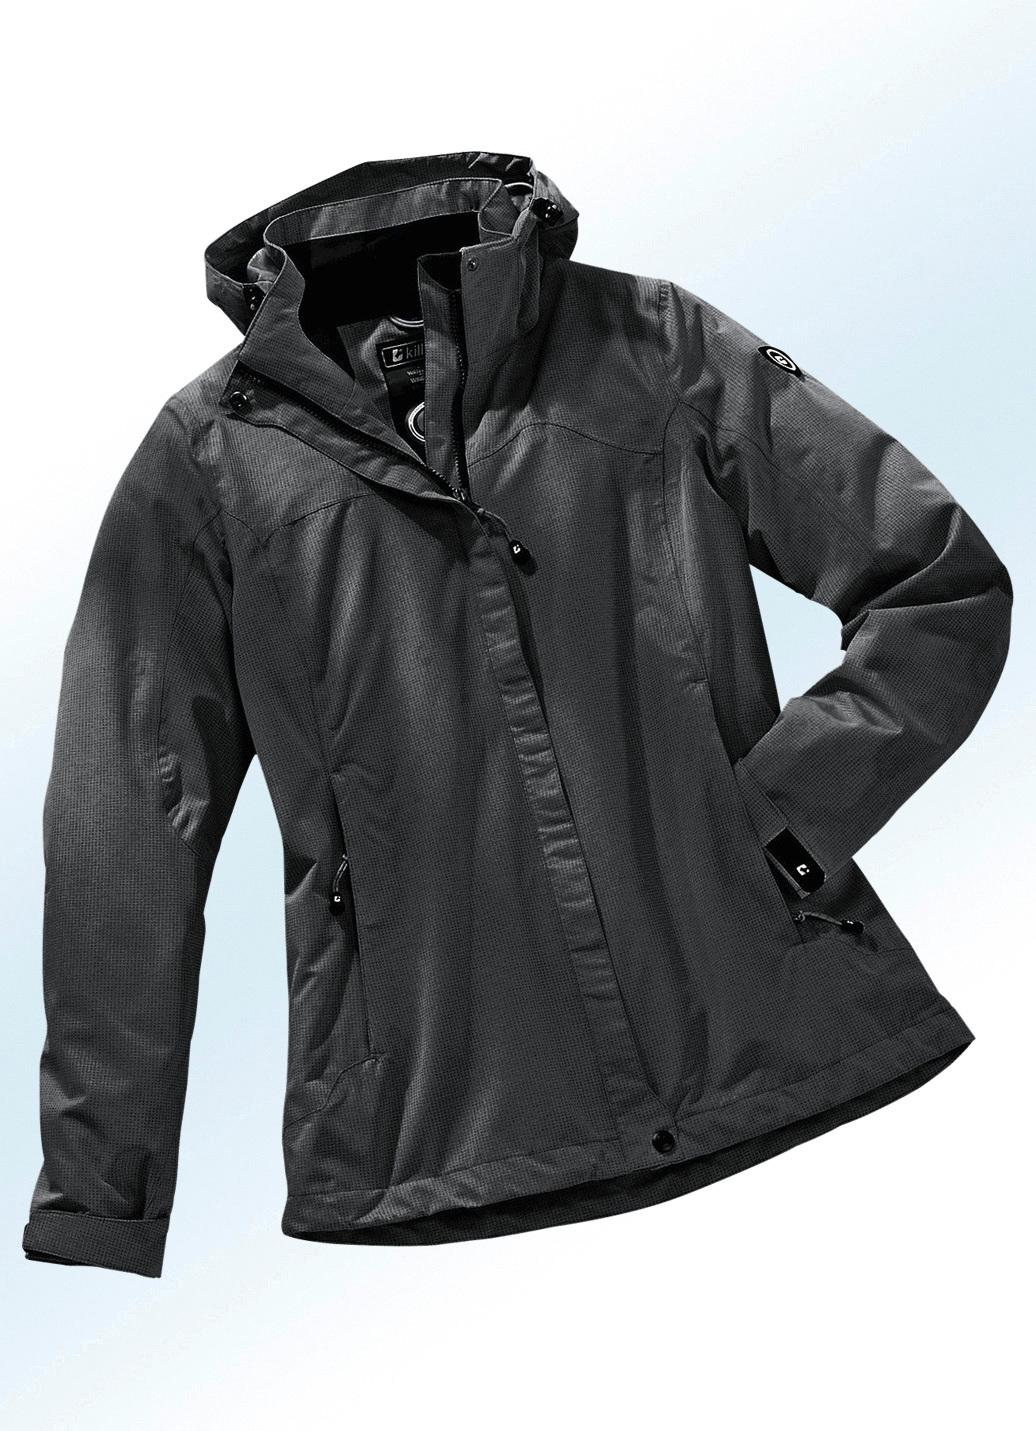 f4e92b9cebeeb9 Killtec® Damen-Funktionsjacke Schwarz Größe 36 Damen Preisvergleich